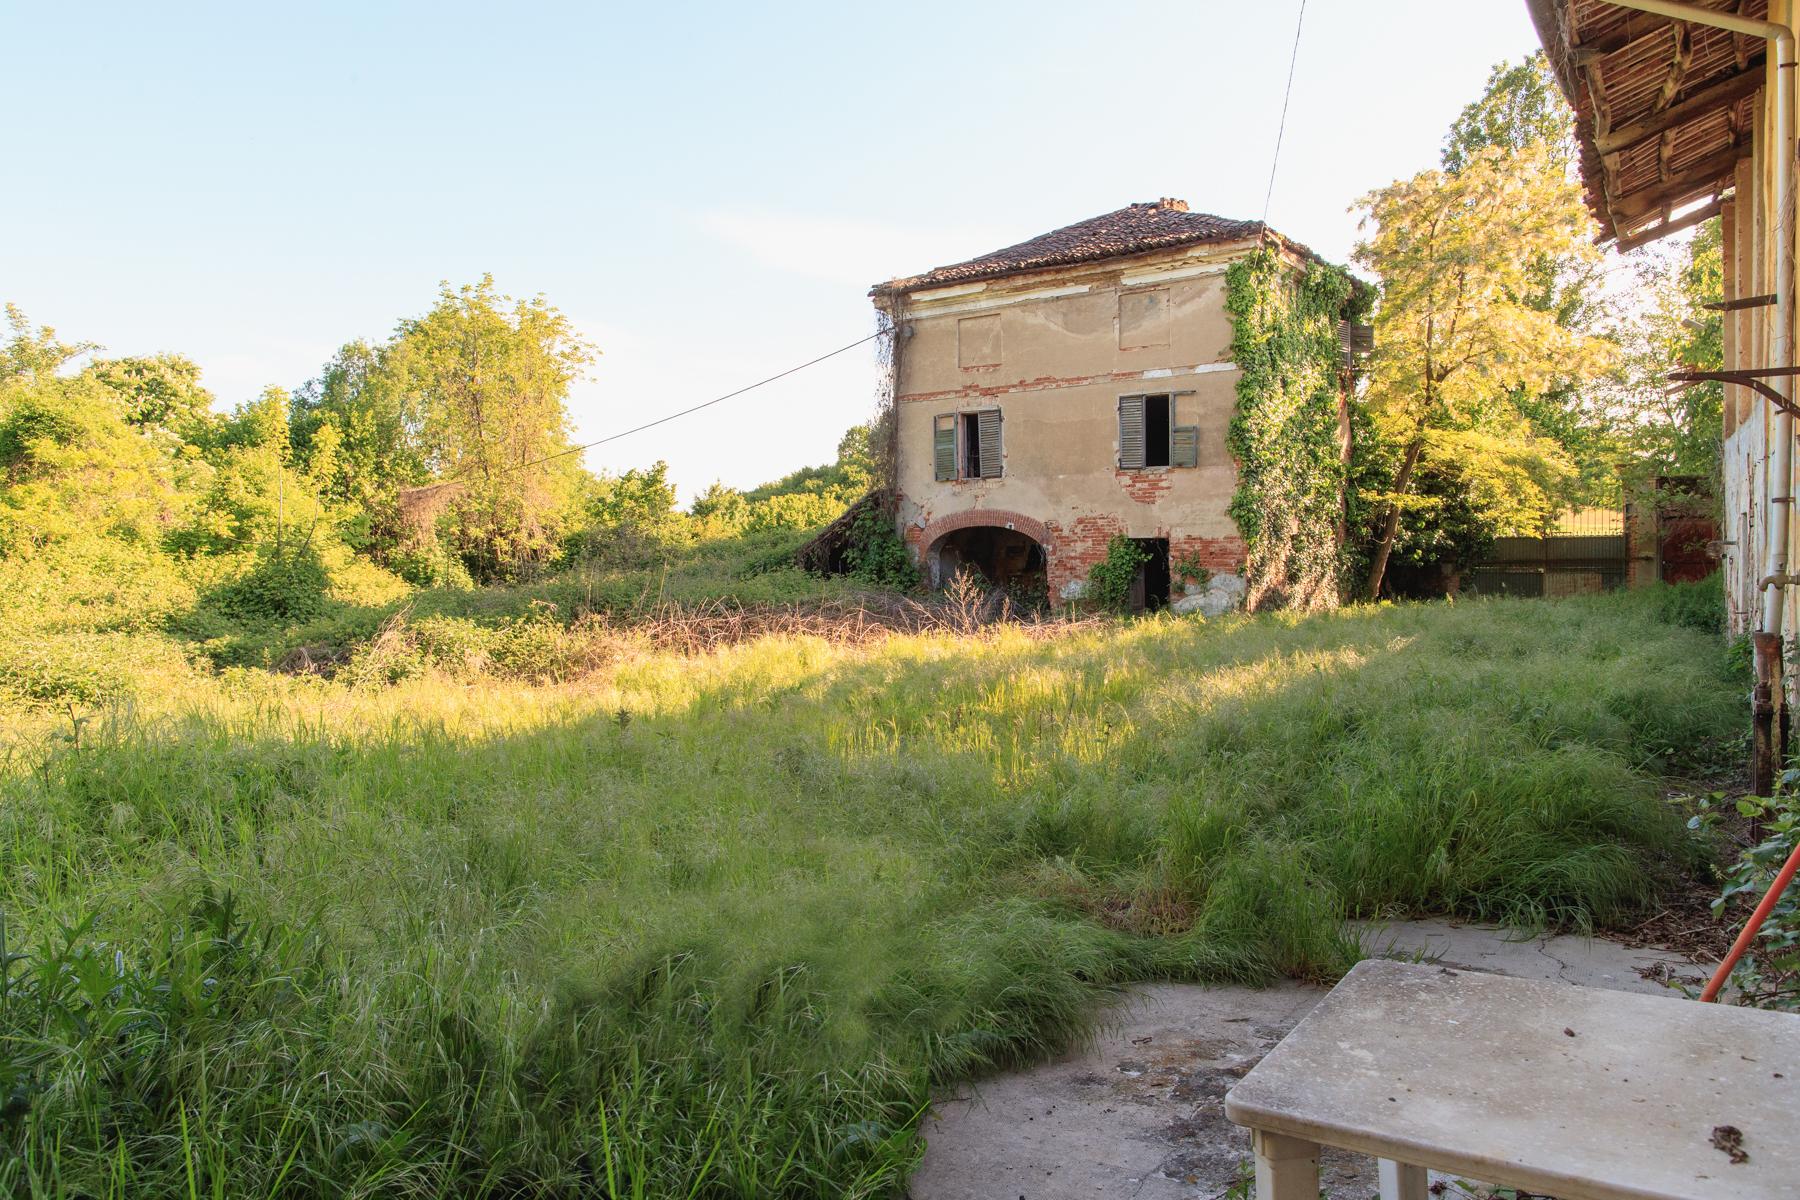 Rustico in Vendita a Chieri: 5 locali, 1500 mq - Foto 2